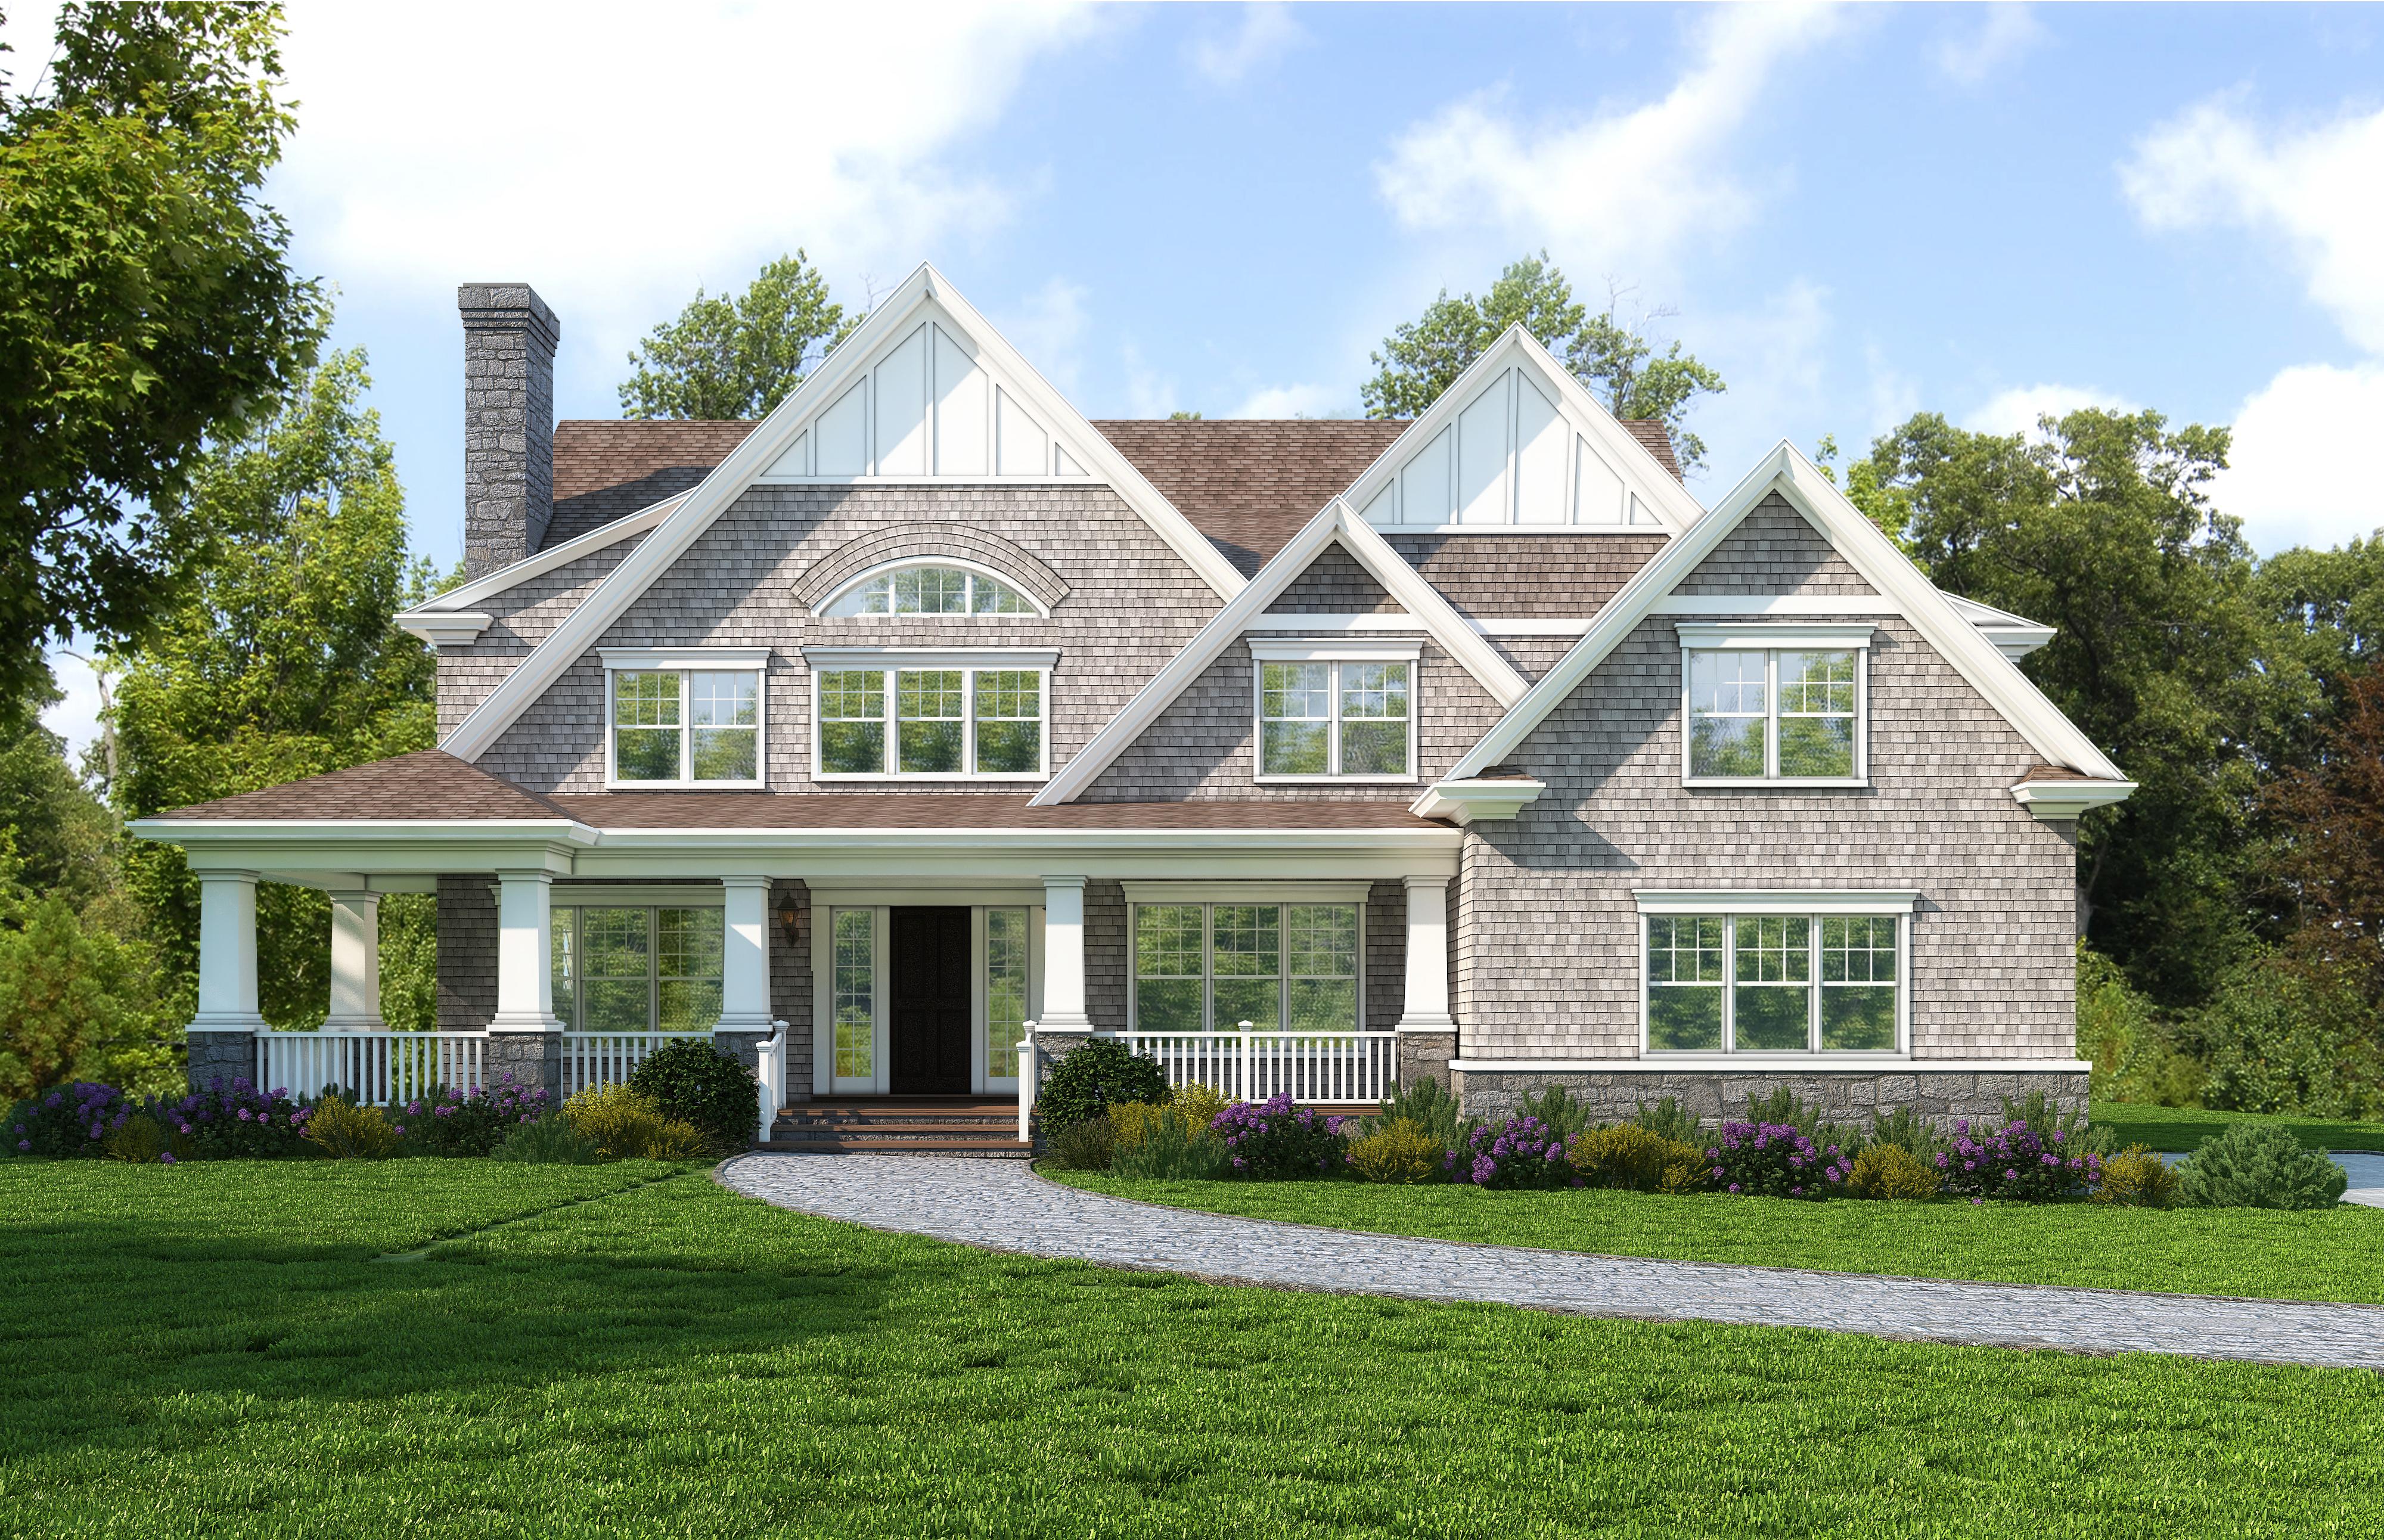 一戸建て のために 売買 アット 411 Park Avenue Rye, ニューヨーク, 10580 アメリカ合衆国